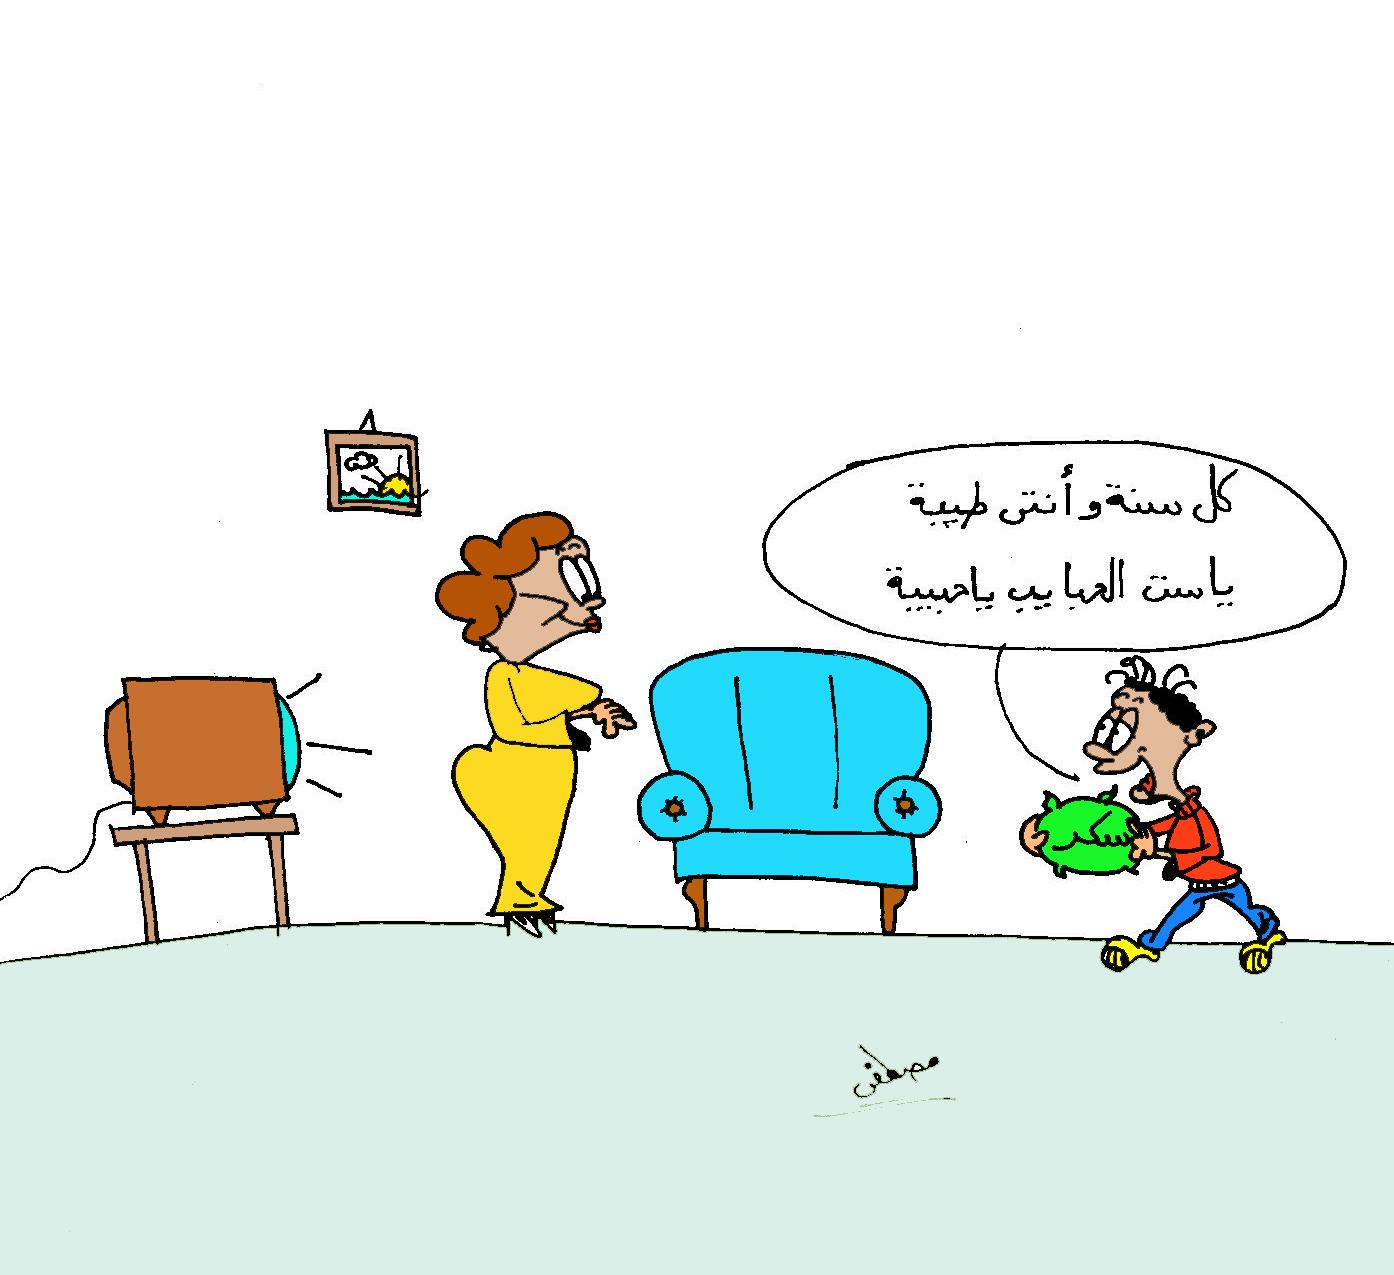 كاريكاتير مصطفى سعيد (2)